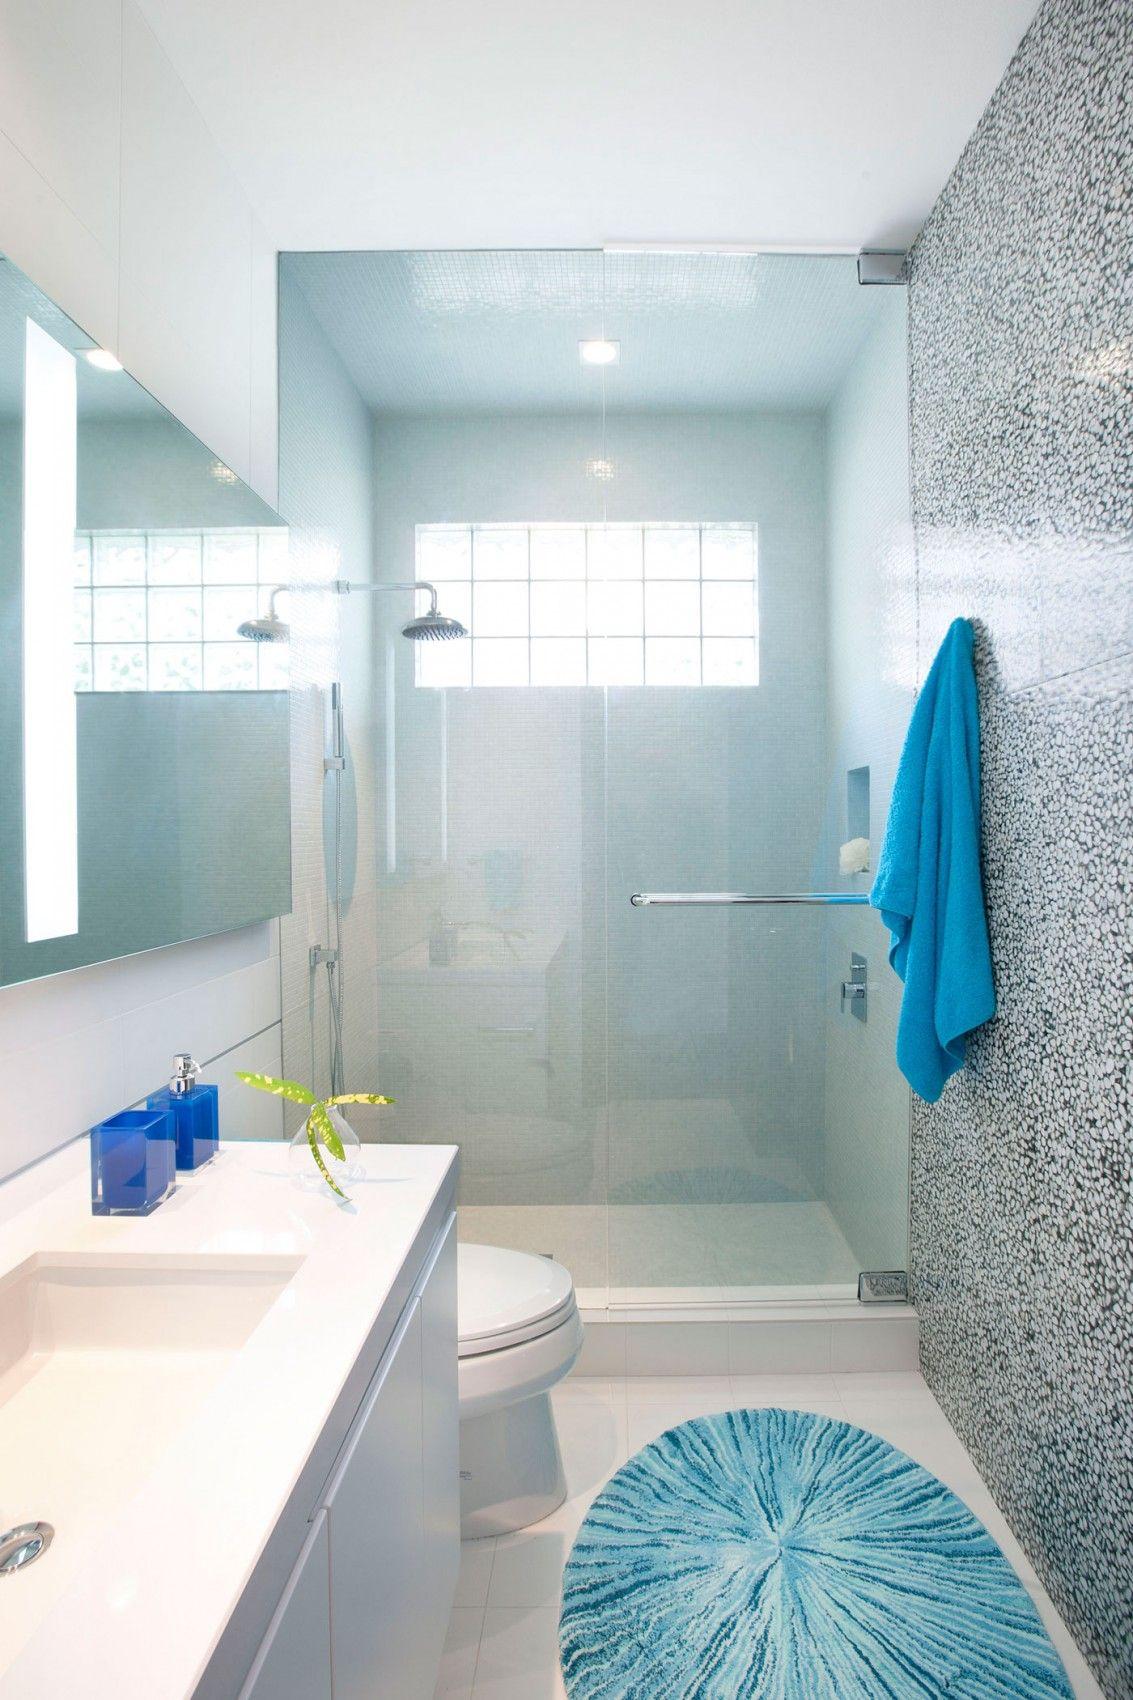 Badezimmer ideen blau blau badezimmer deko ideen  mehr auf unserer website  in jedem